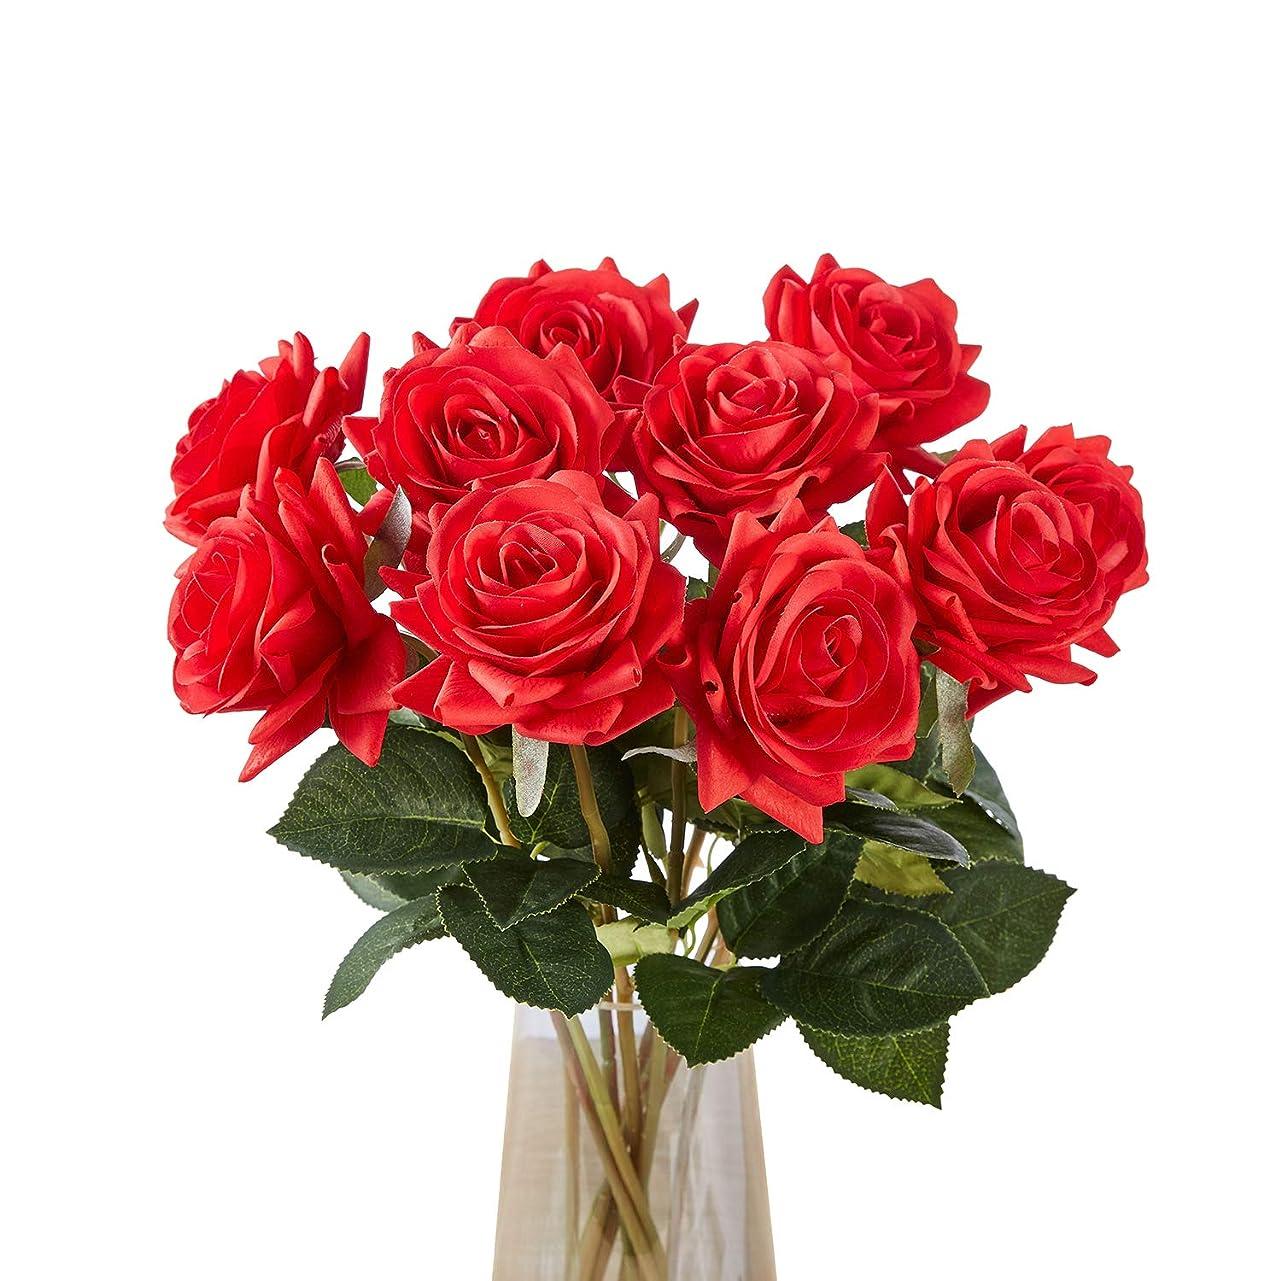 安息昇進うつ造花 バラ ローズ 薔薇 アレンジ 10本セット 結婚式 パーティー 様々な イベント 手作り レッド